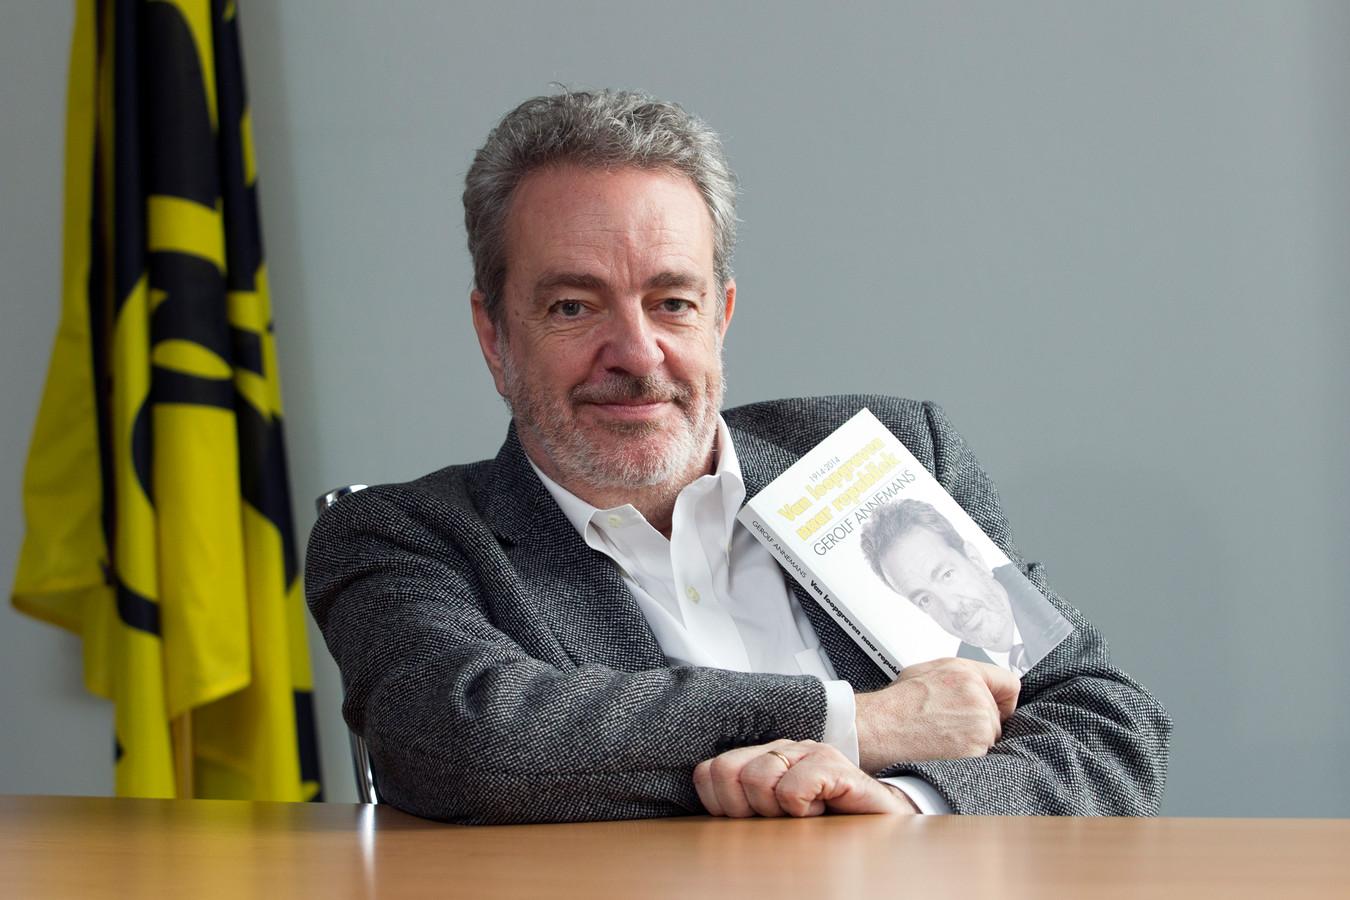 Gerolf Annemans schreef in 2014 het boek 'Van loopgraven tot Republiek', maar je zal het niet op de Boekenbeurs terugvinden.